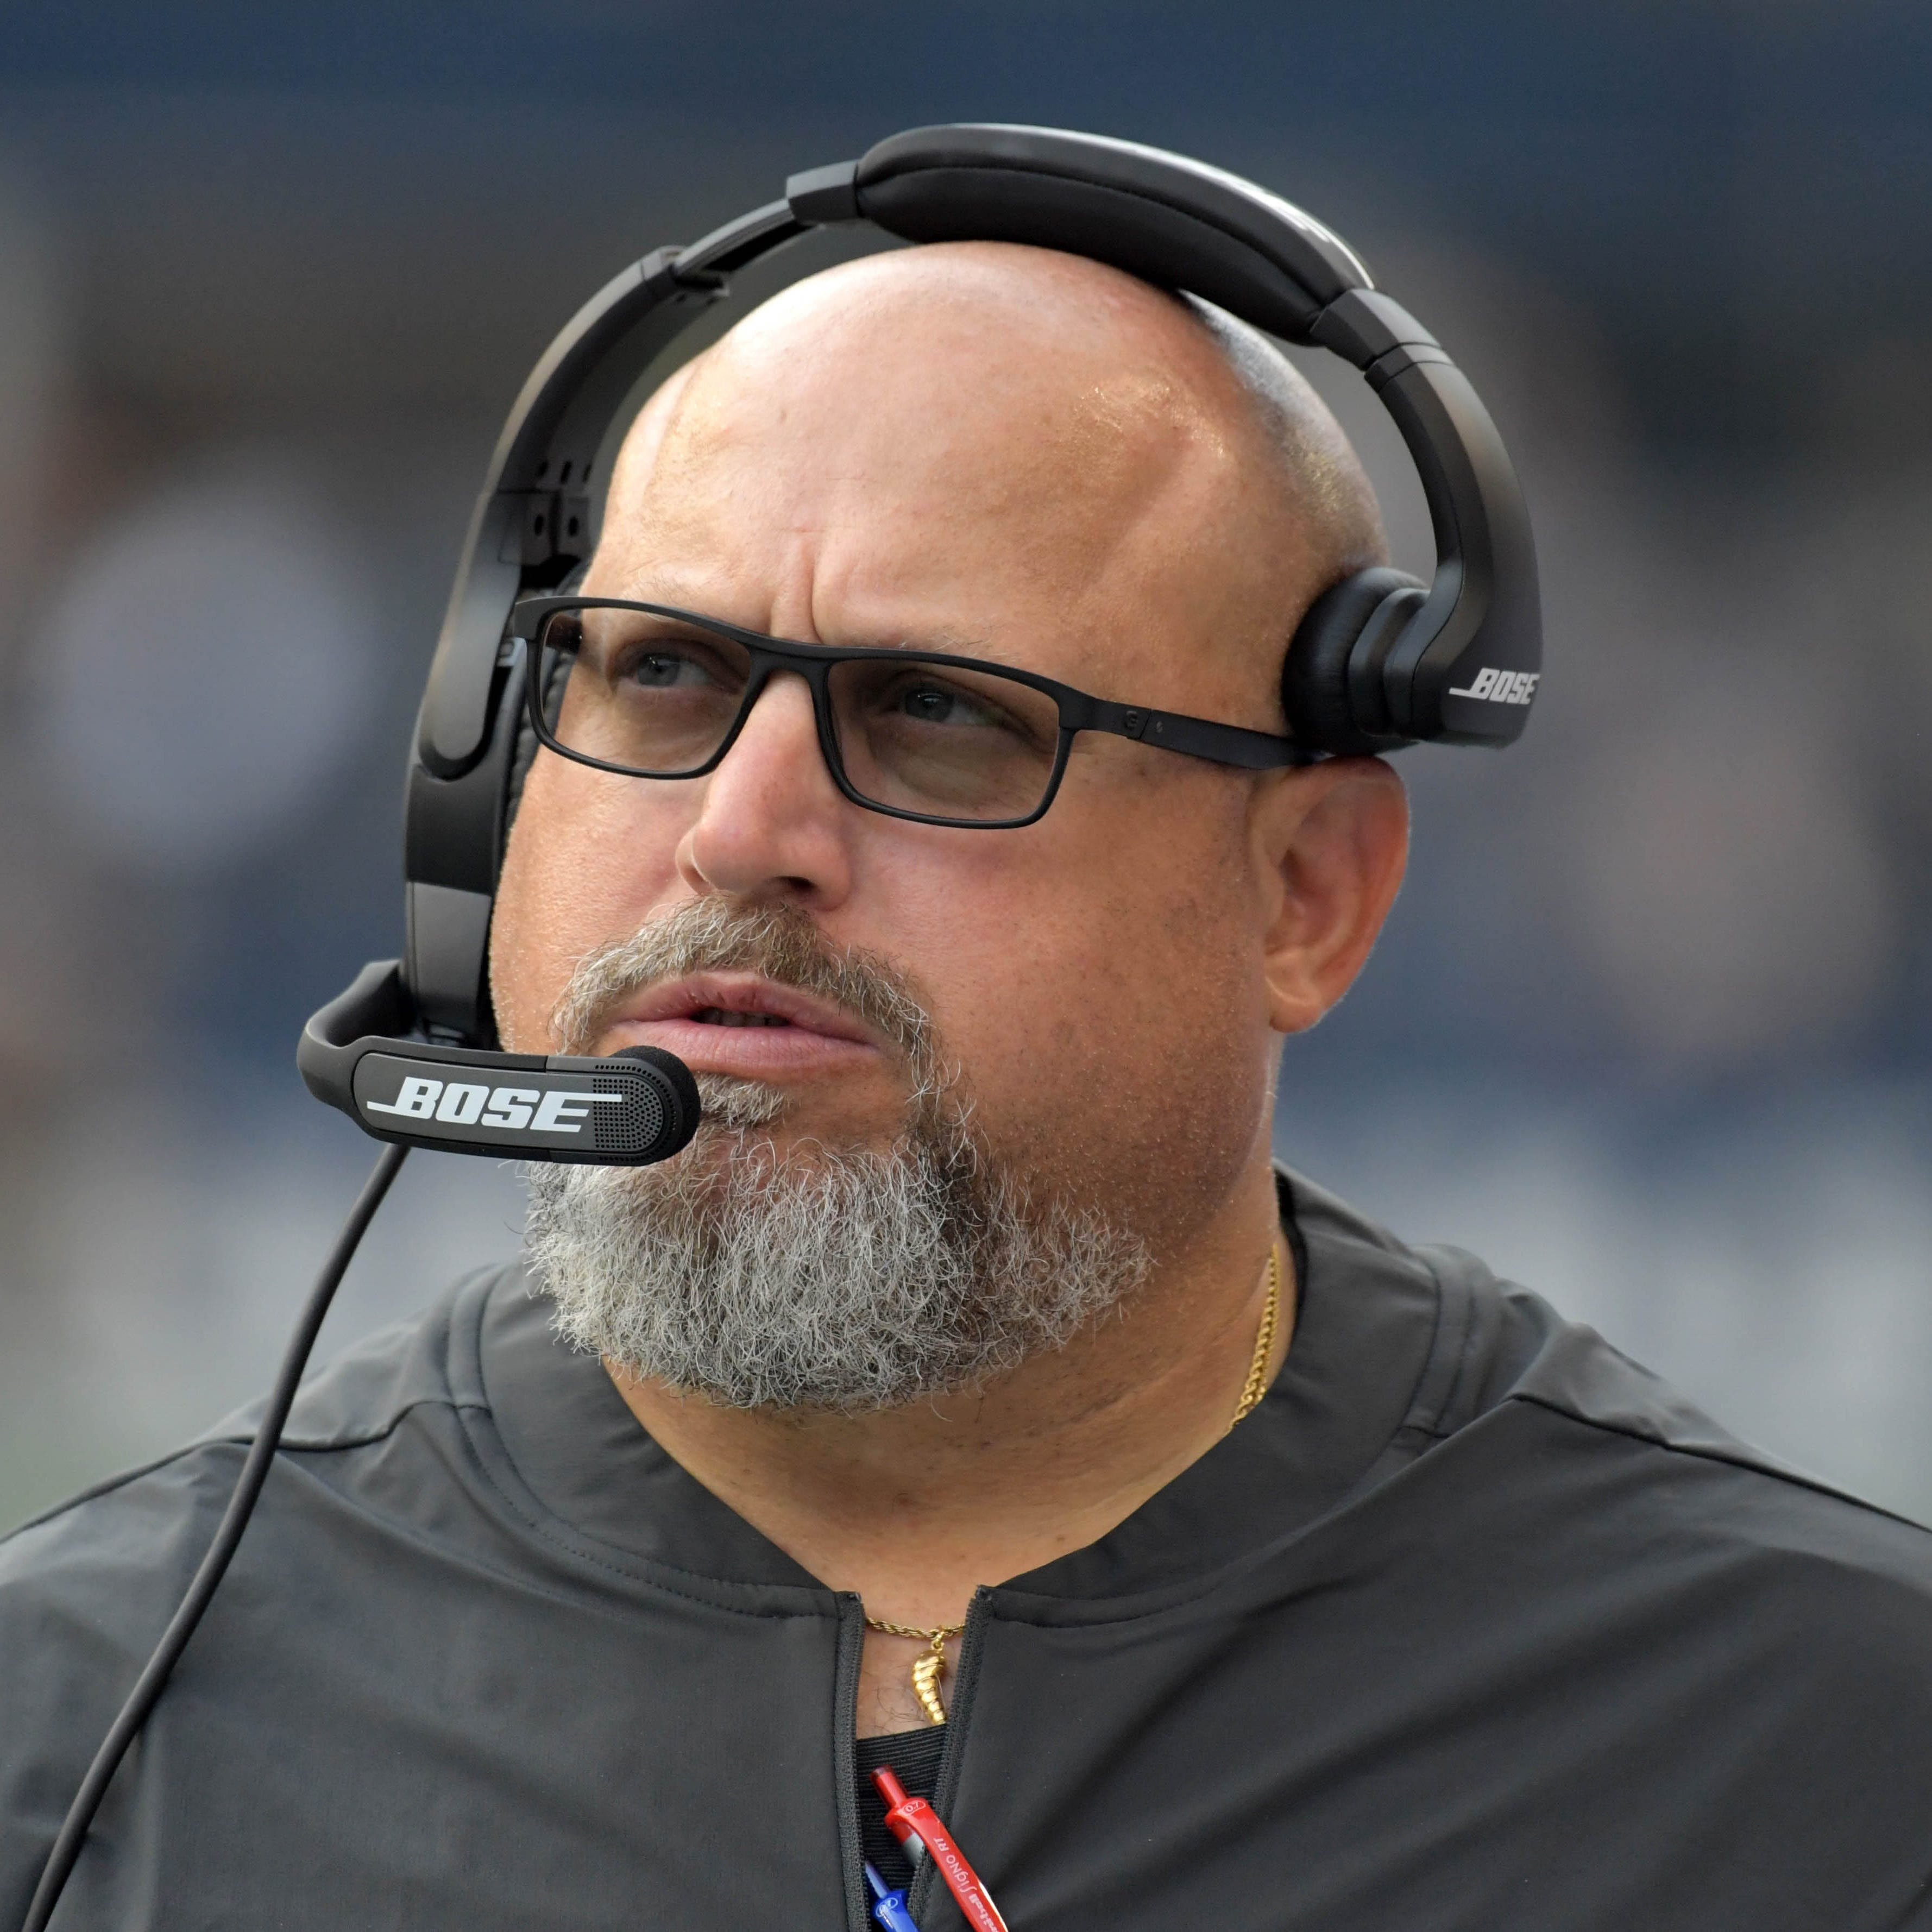 Colts fire offensive line coach Dave DeGuglielmo in surprise move